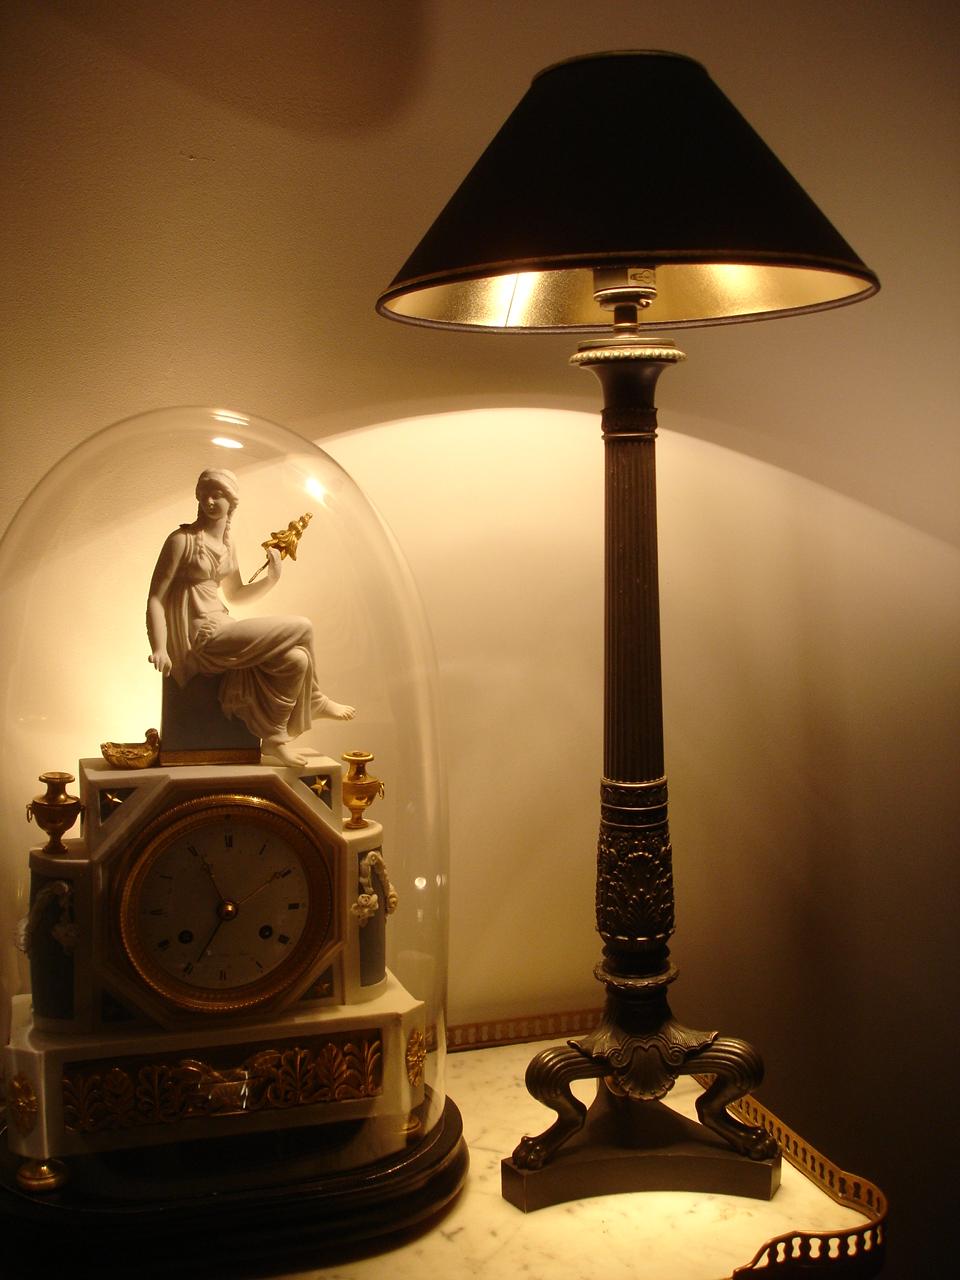 Lampe à poser tripode. XIXe siècle. Catalogue Olivier Berni Intérieurs